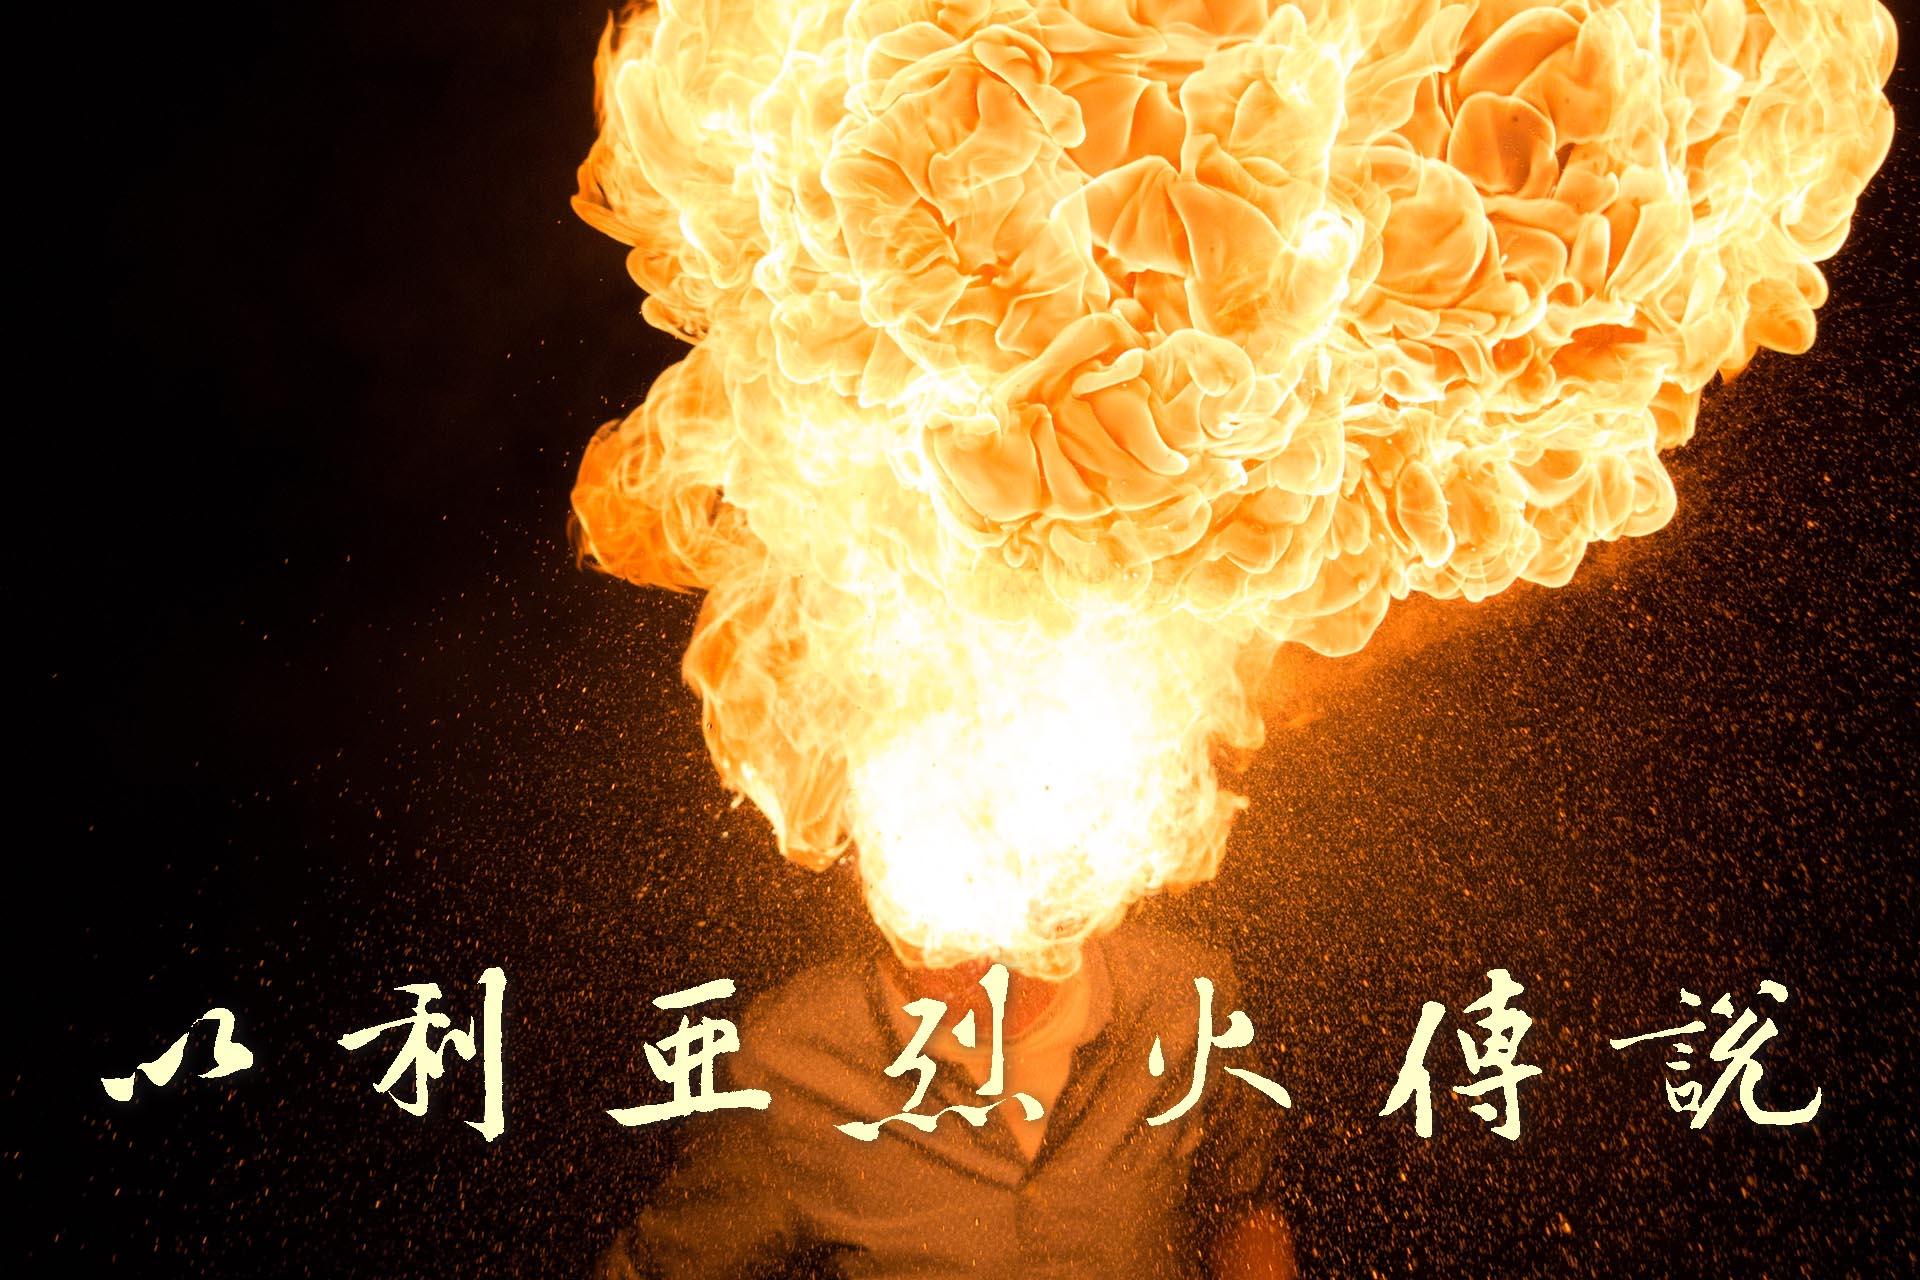 [聖經]以利亞烈火傳說:請焚燒我內心不屬神的想法